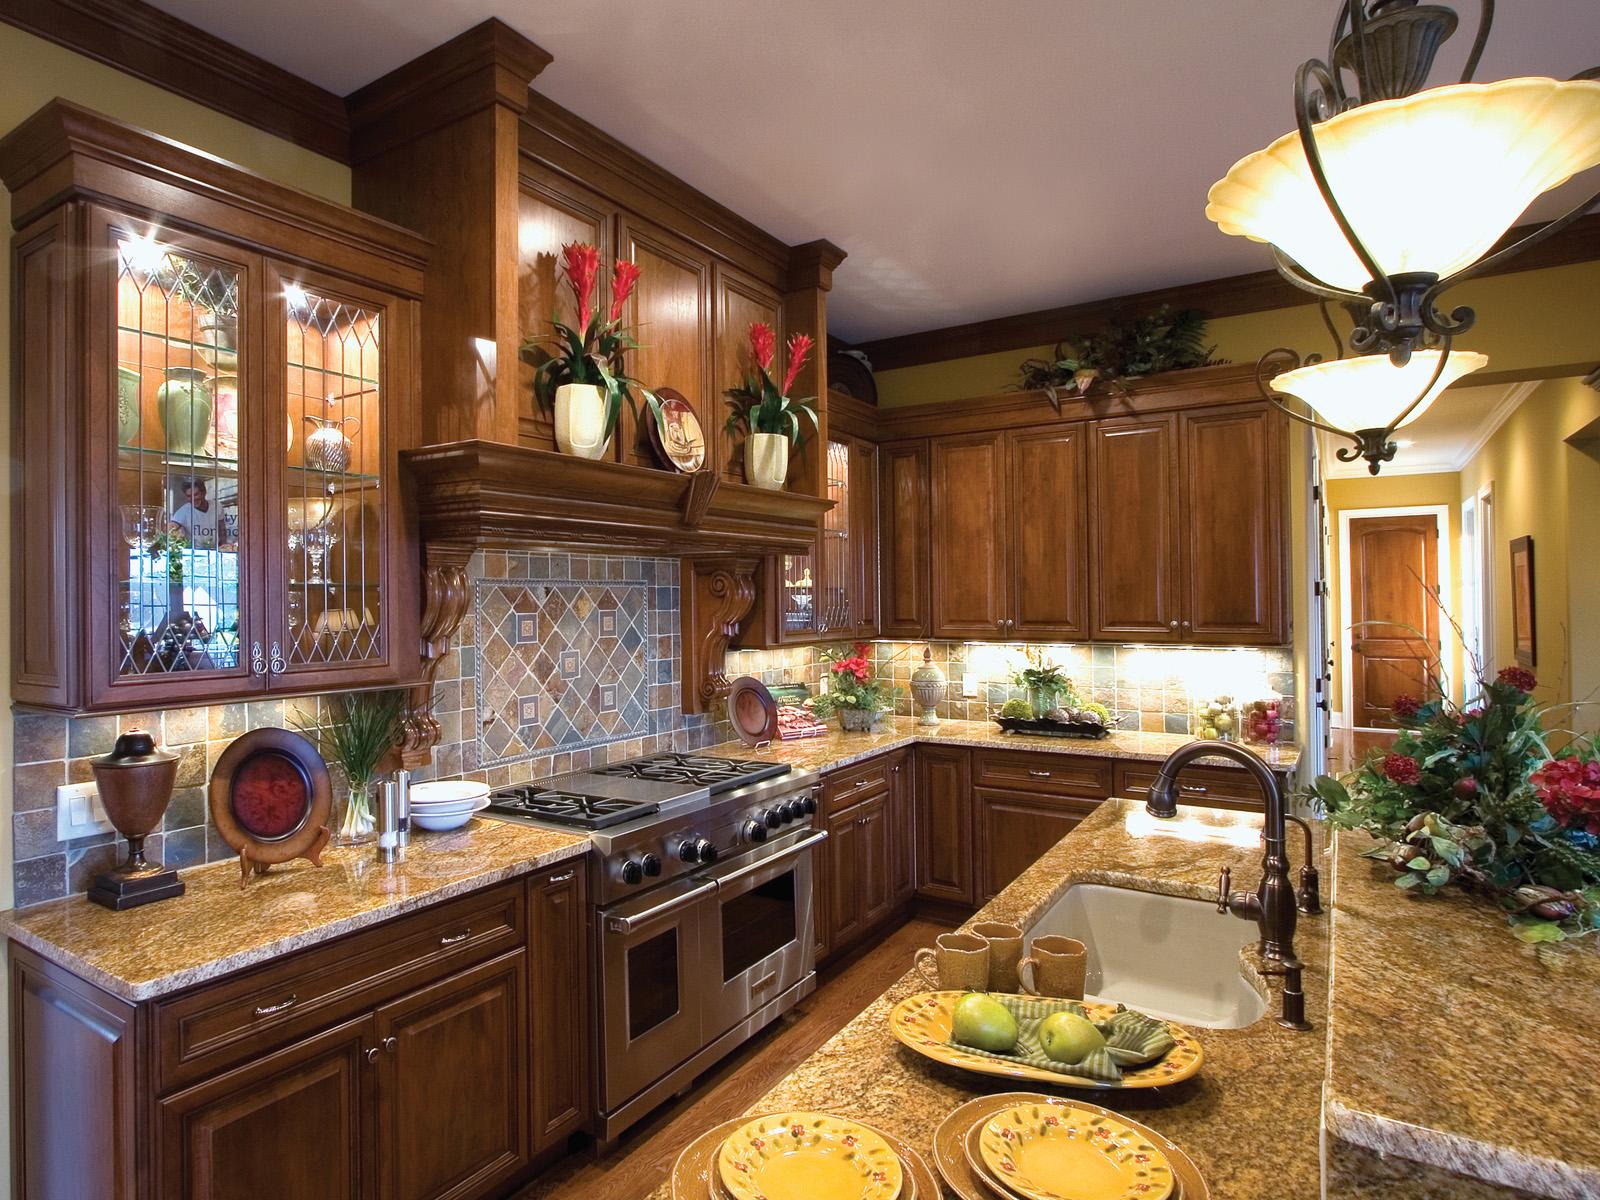 Kitchen interior design build portfolio northwest for Tom hoch interior designs inc